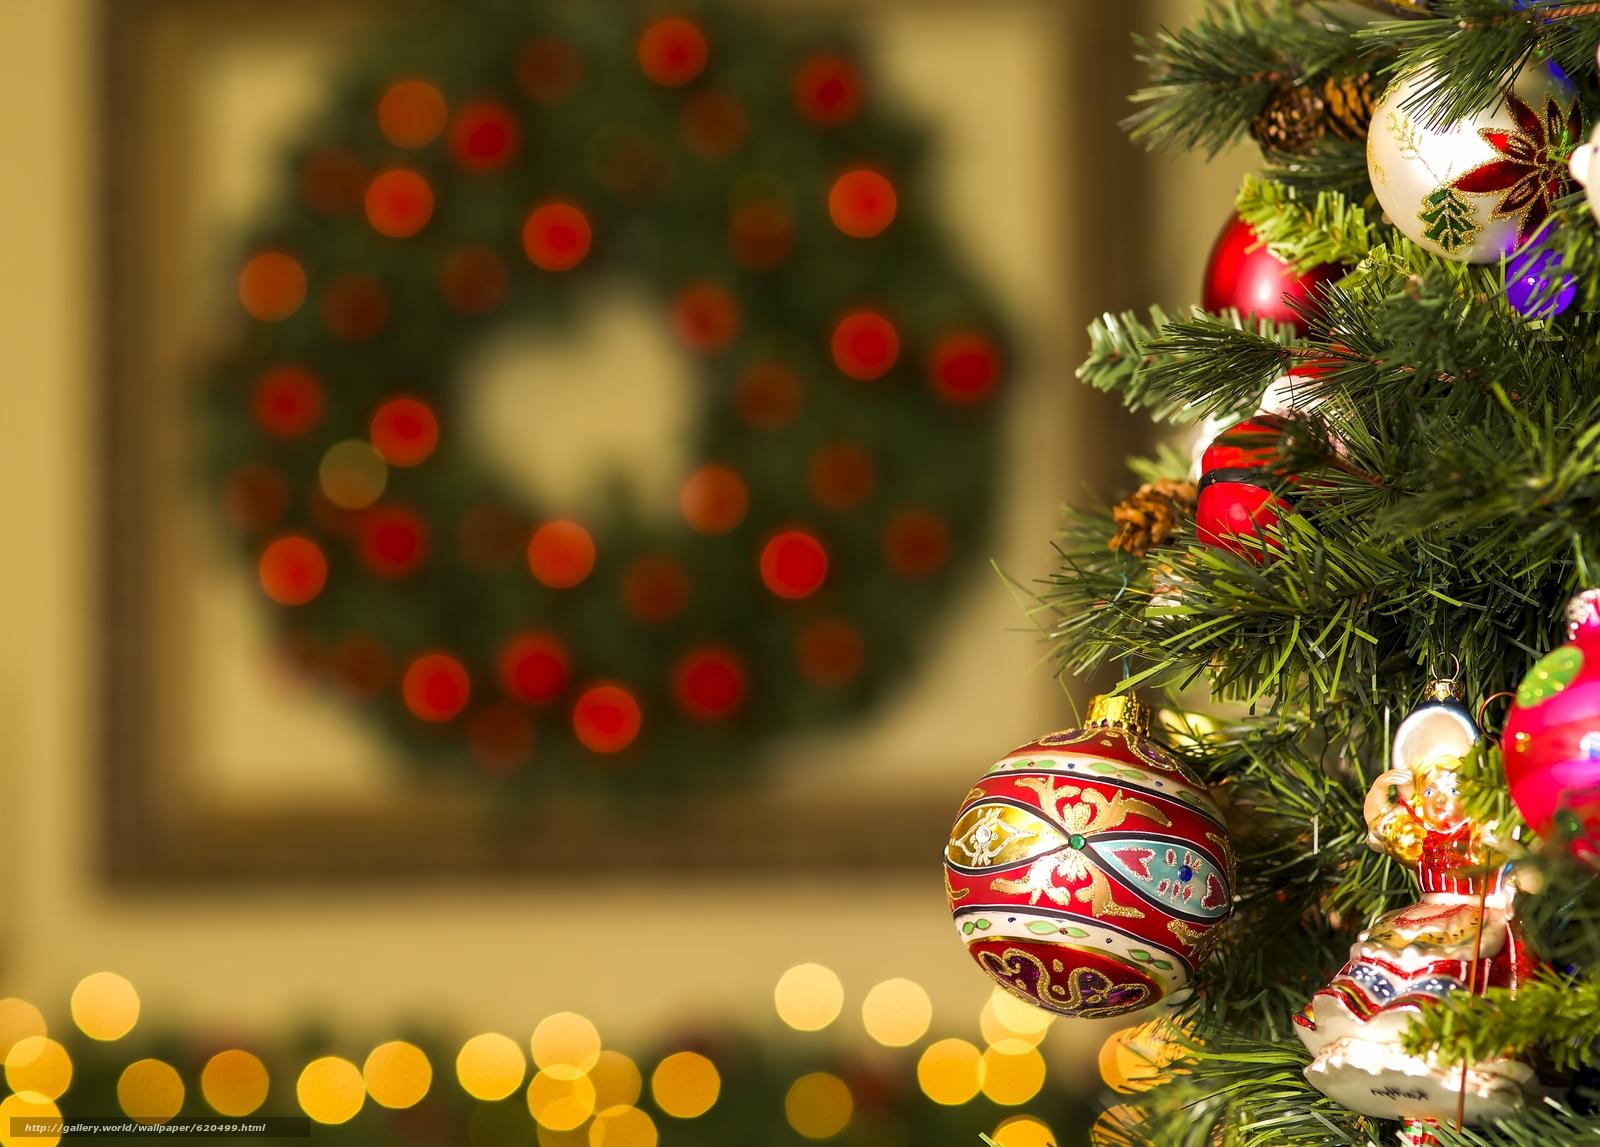 Новый год, Рождество, ёлка, игрушки, украшения, шарики, блики